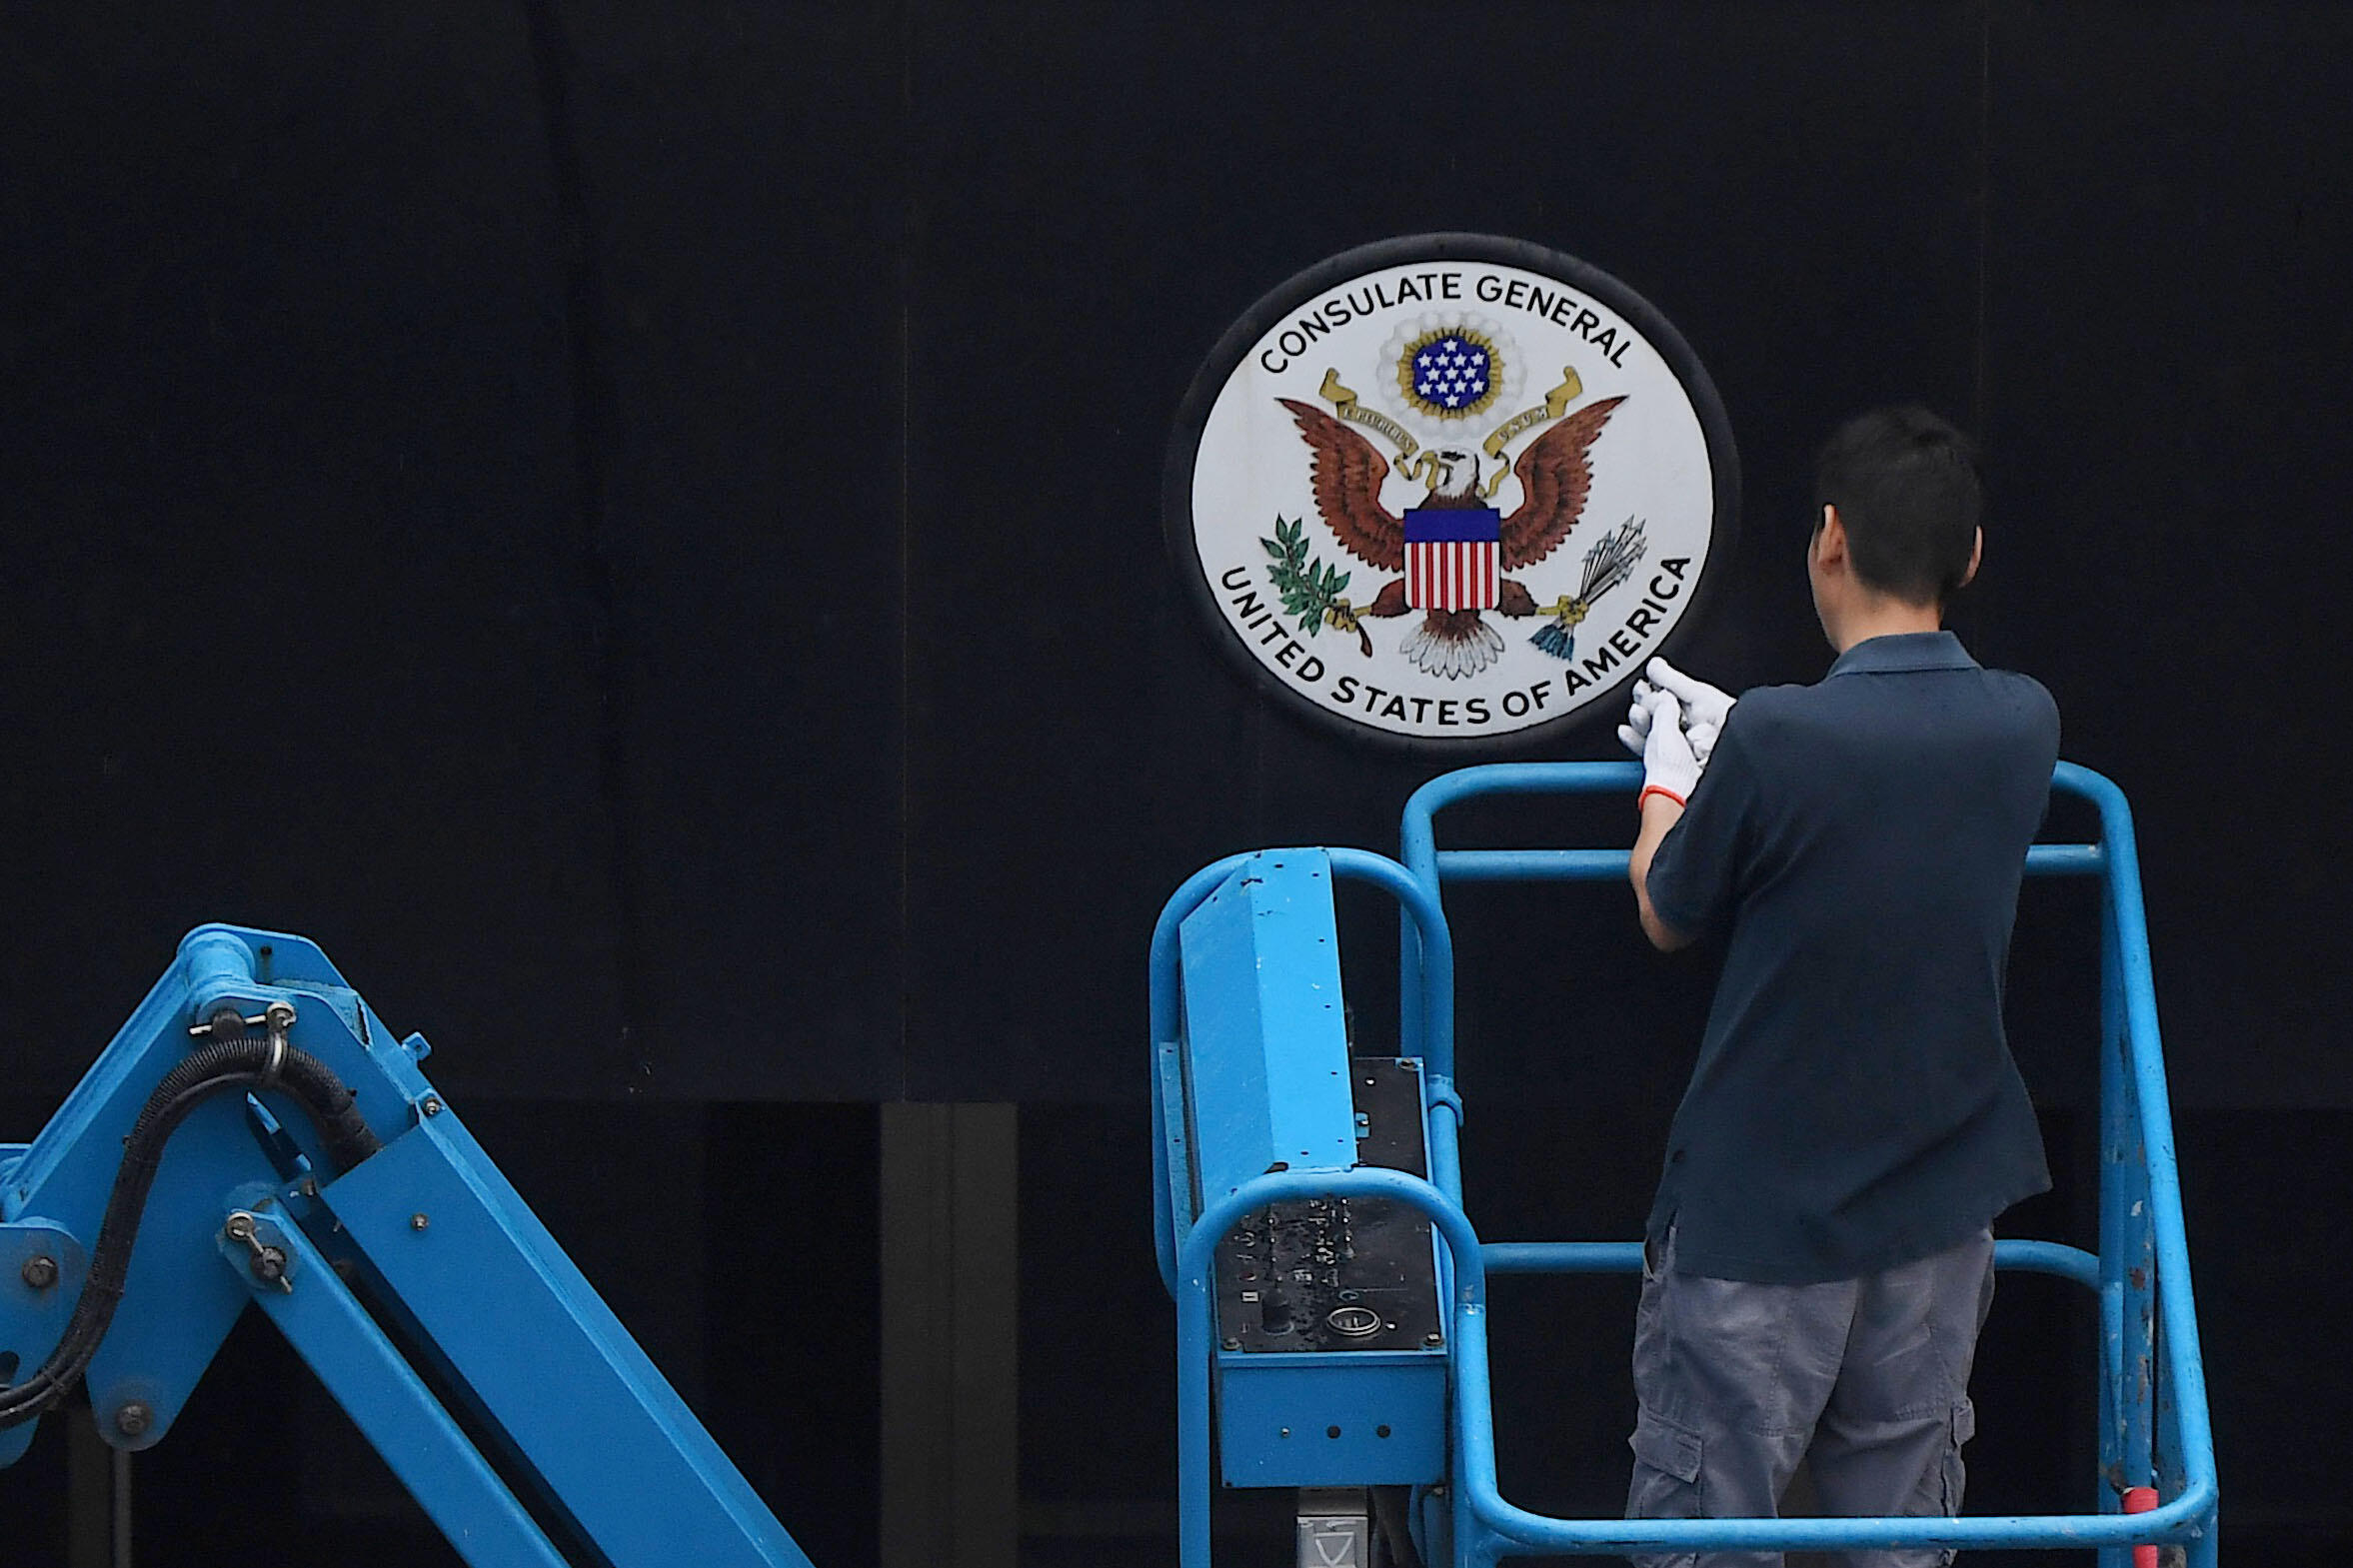 Un trabajador chino retirando la insignia nacional de Estados Unidos del edificio del consulado en Chengdu, suroeste de China.